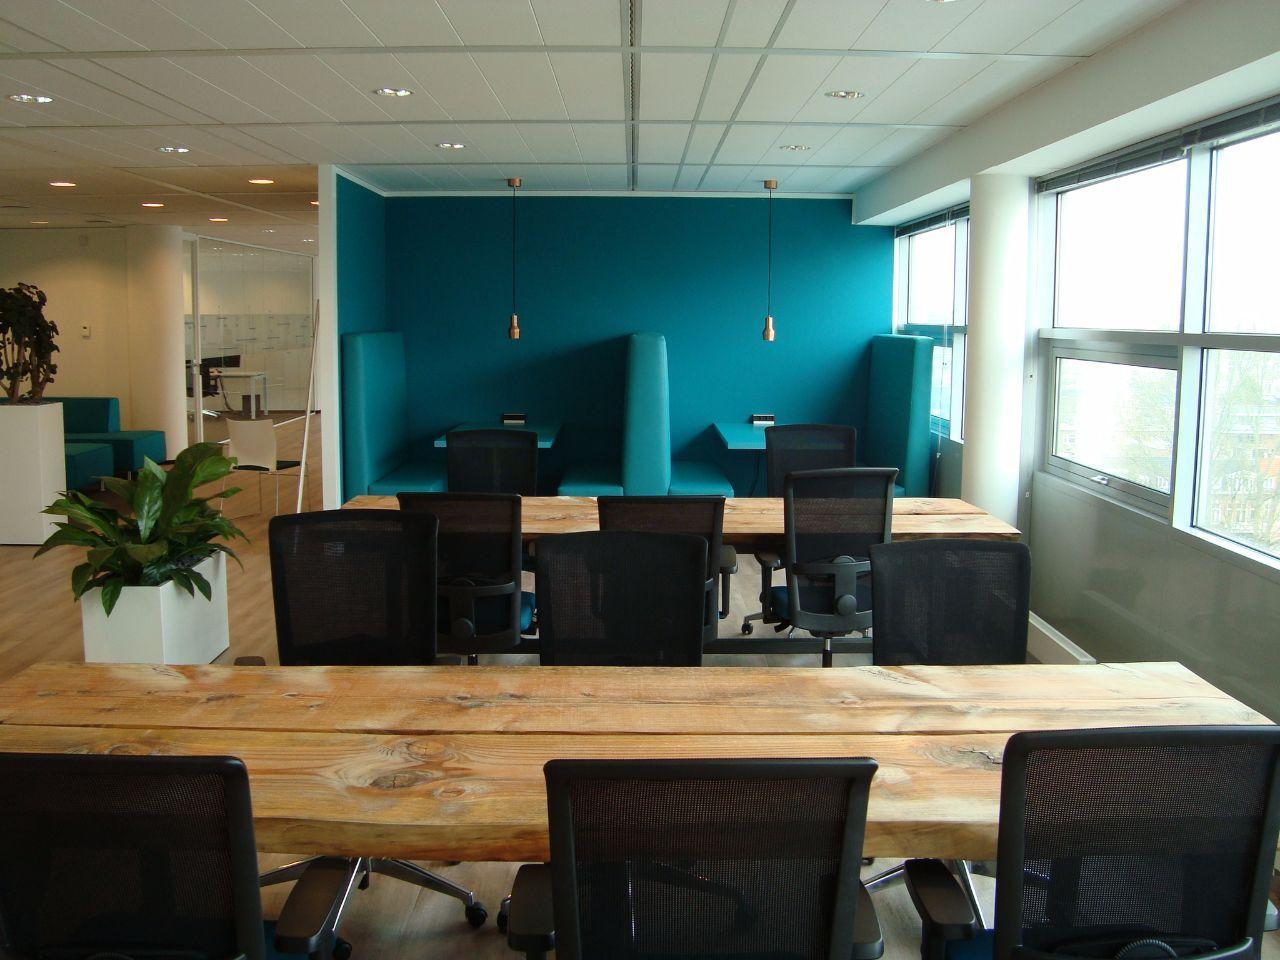 massief-houten-tafels-kantoor-inrichting